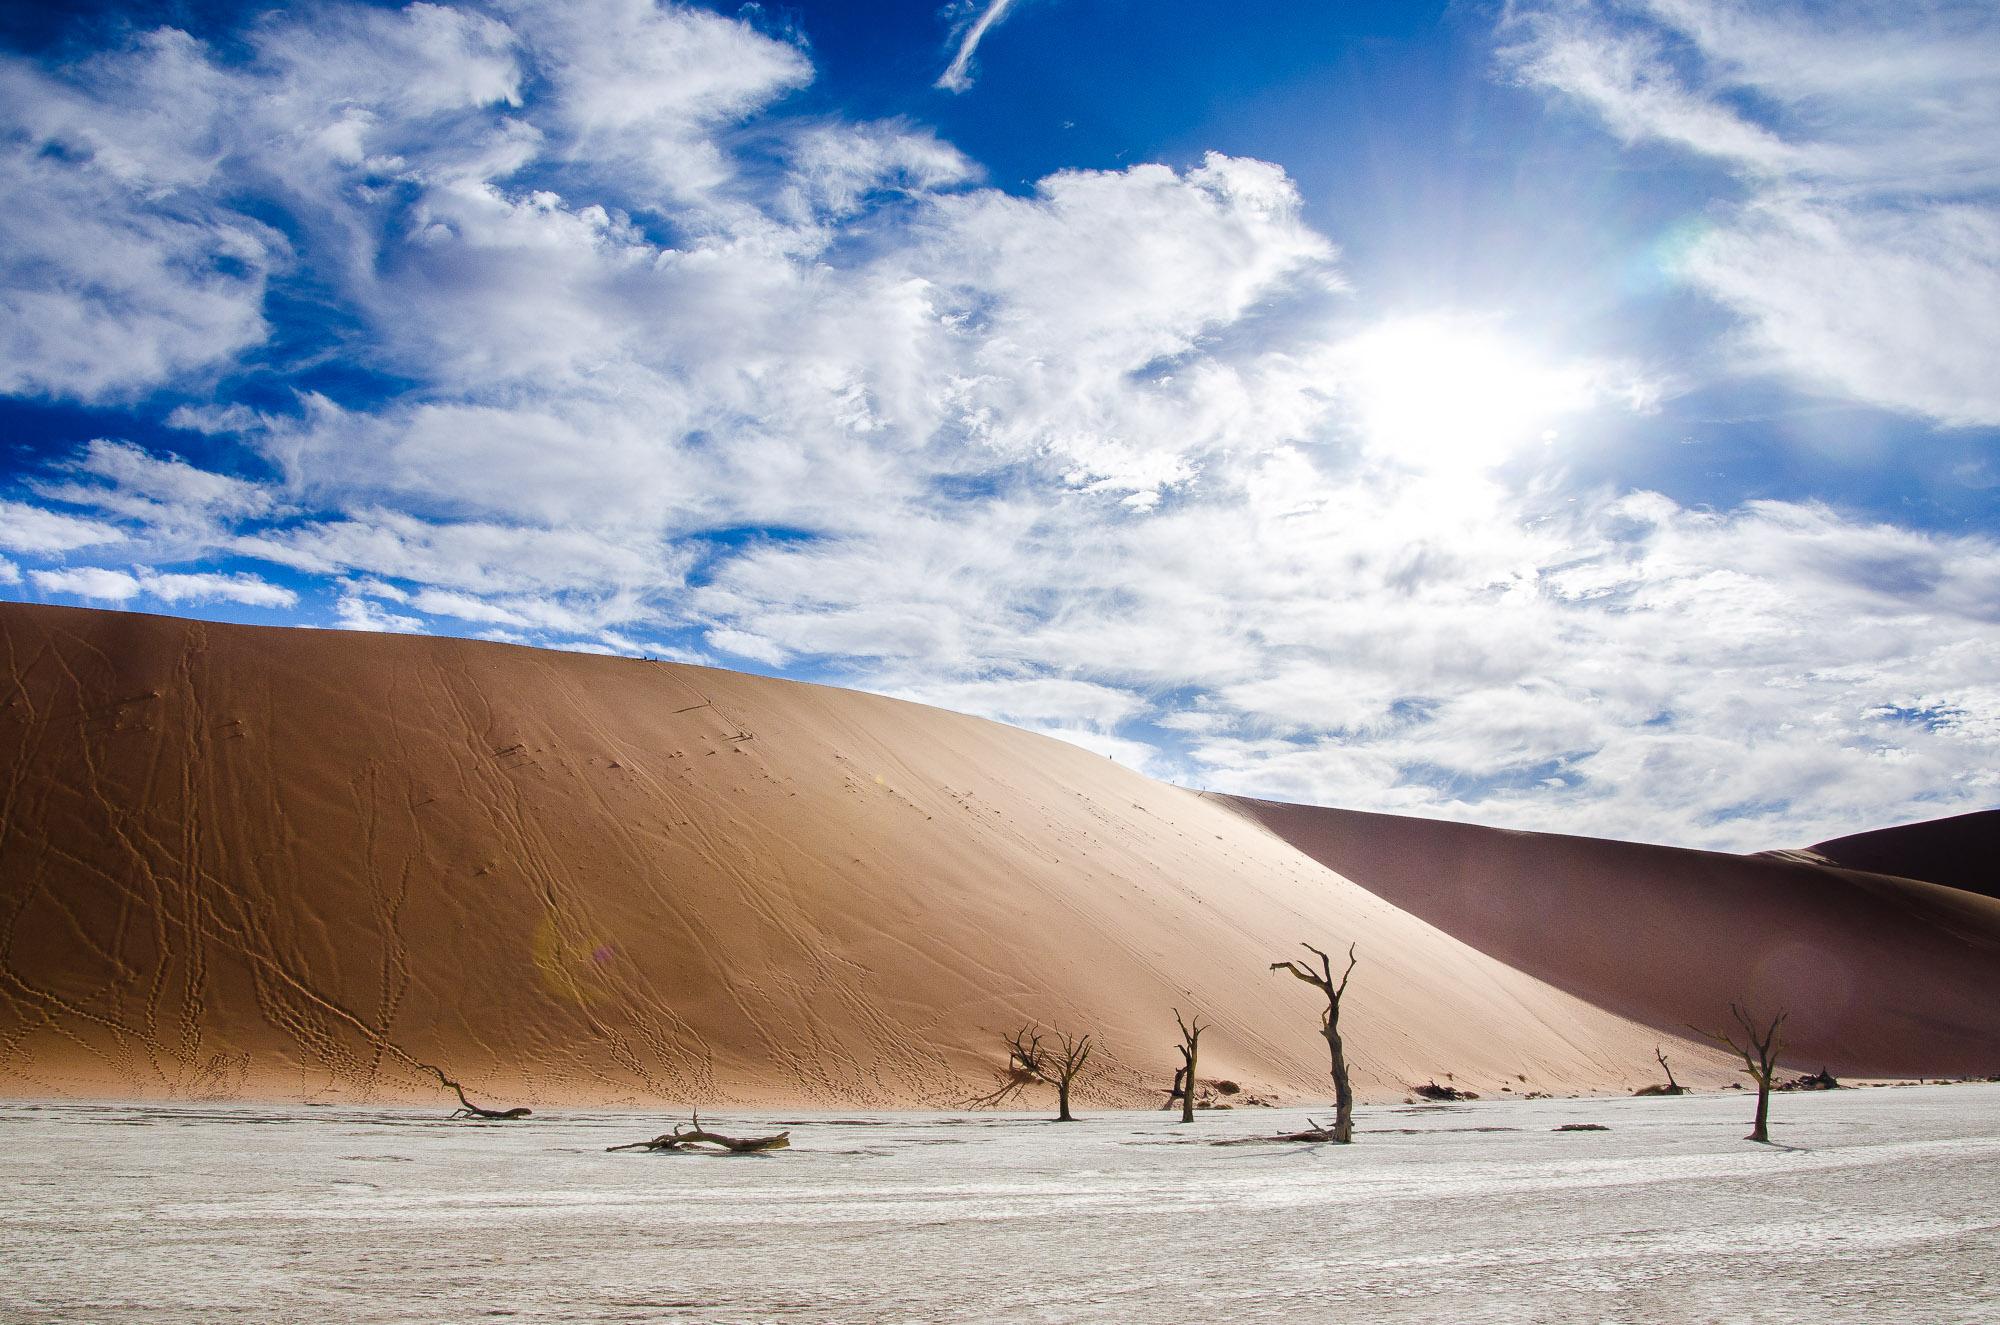 arbre petrifie dune ciel bleu - deadvlei - le desert du namibie - afrique, namibie